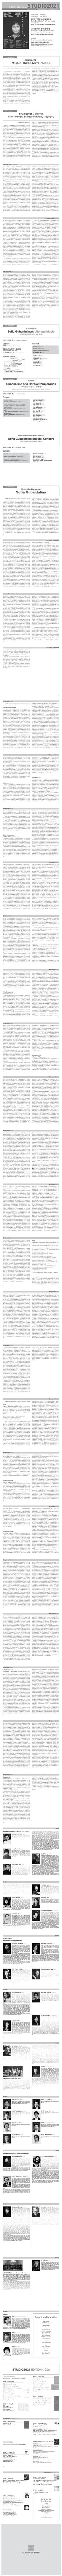 뉴스레터 15호